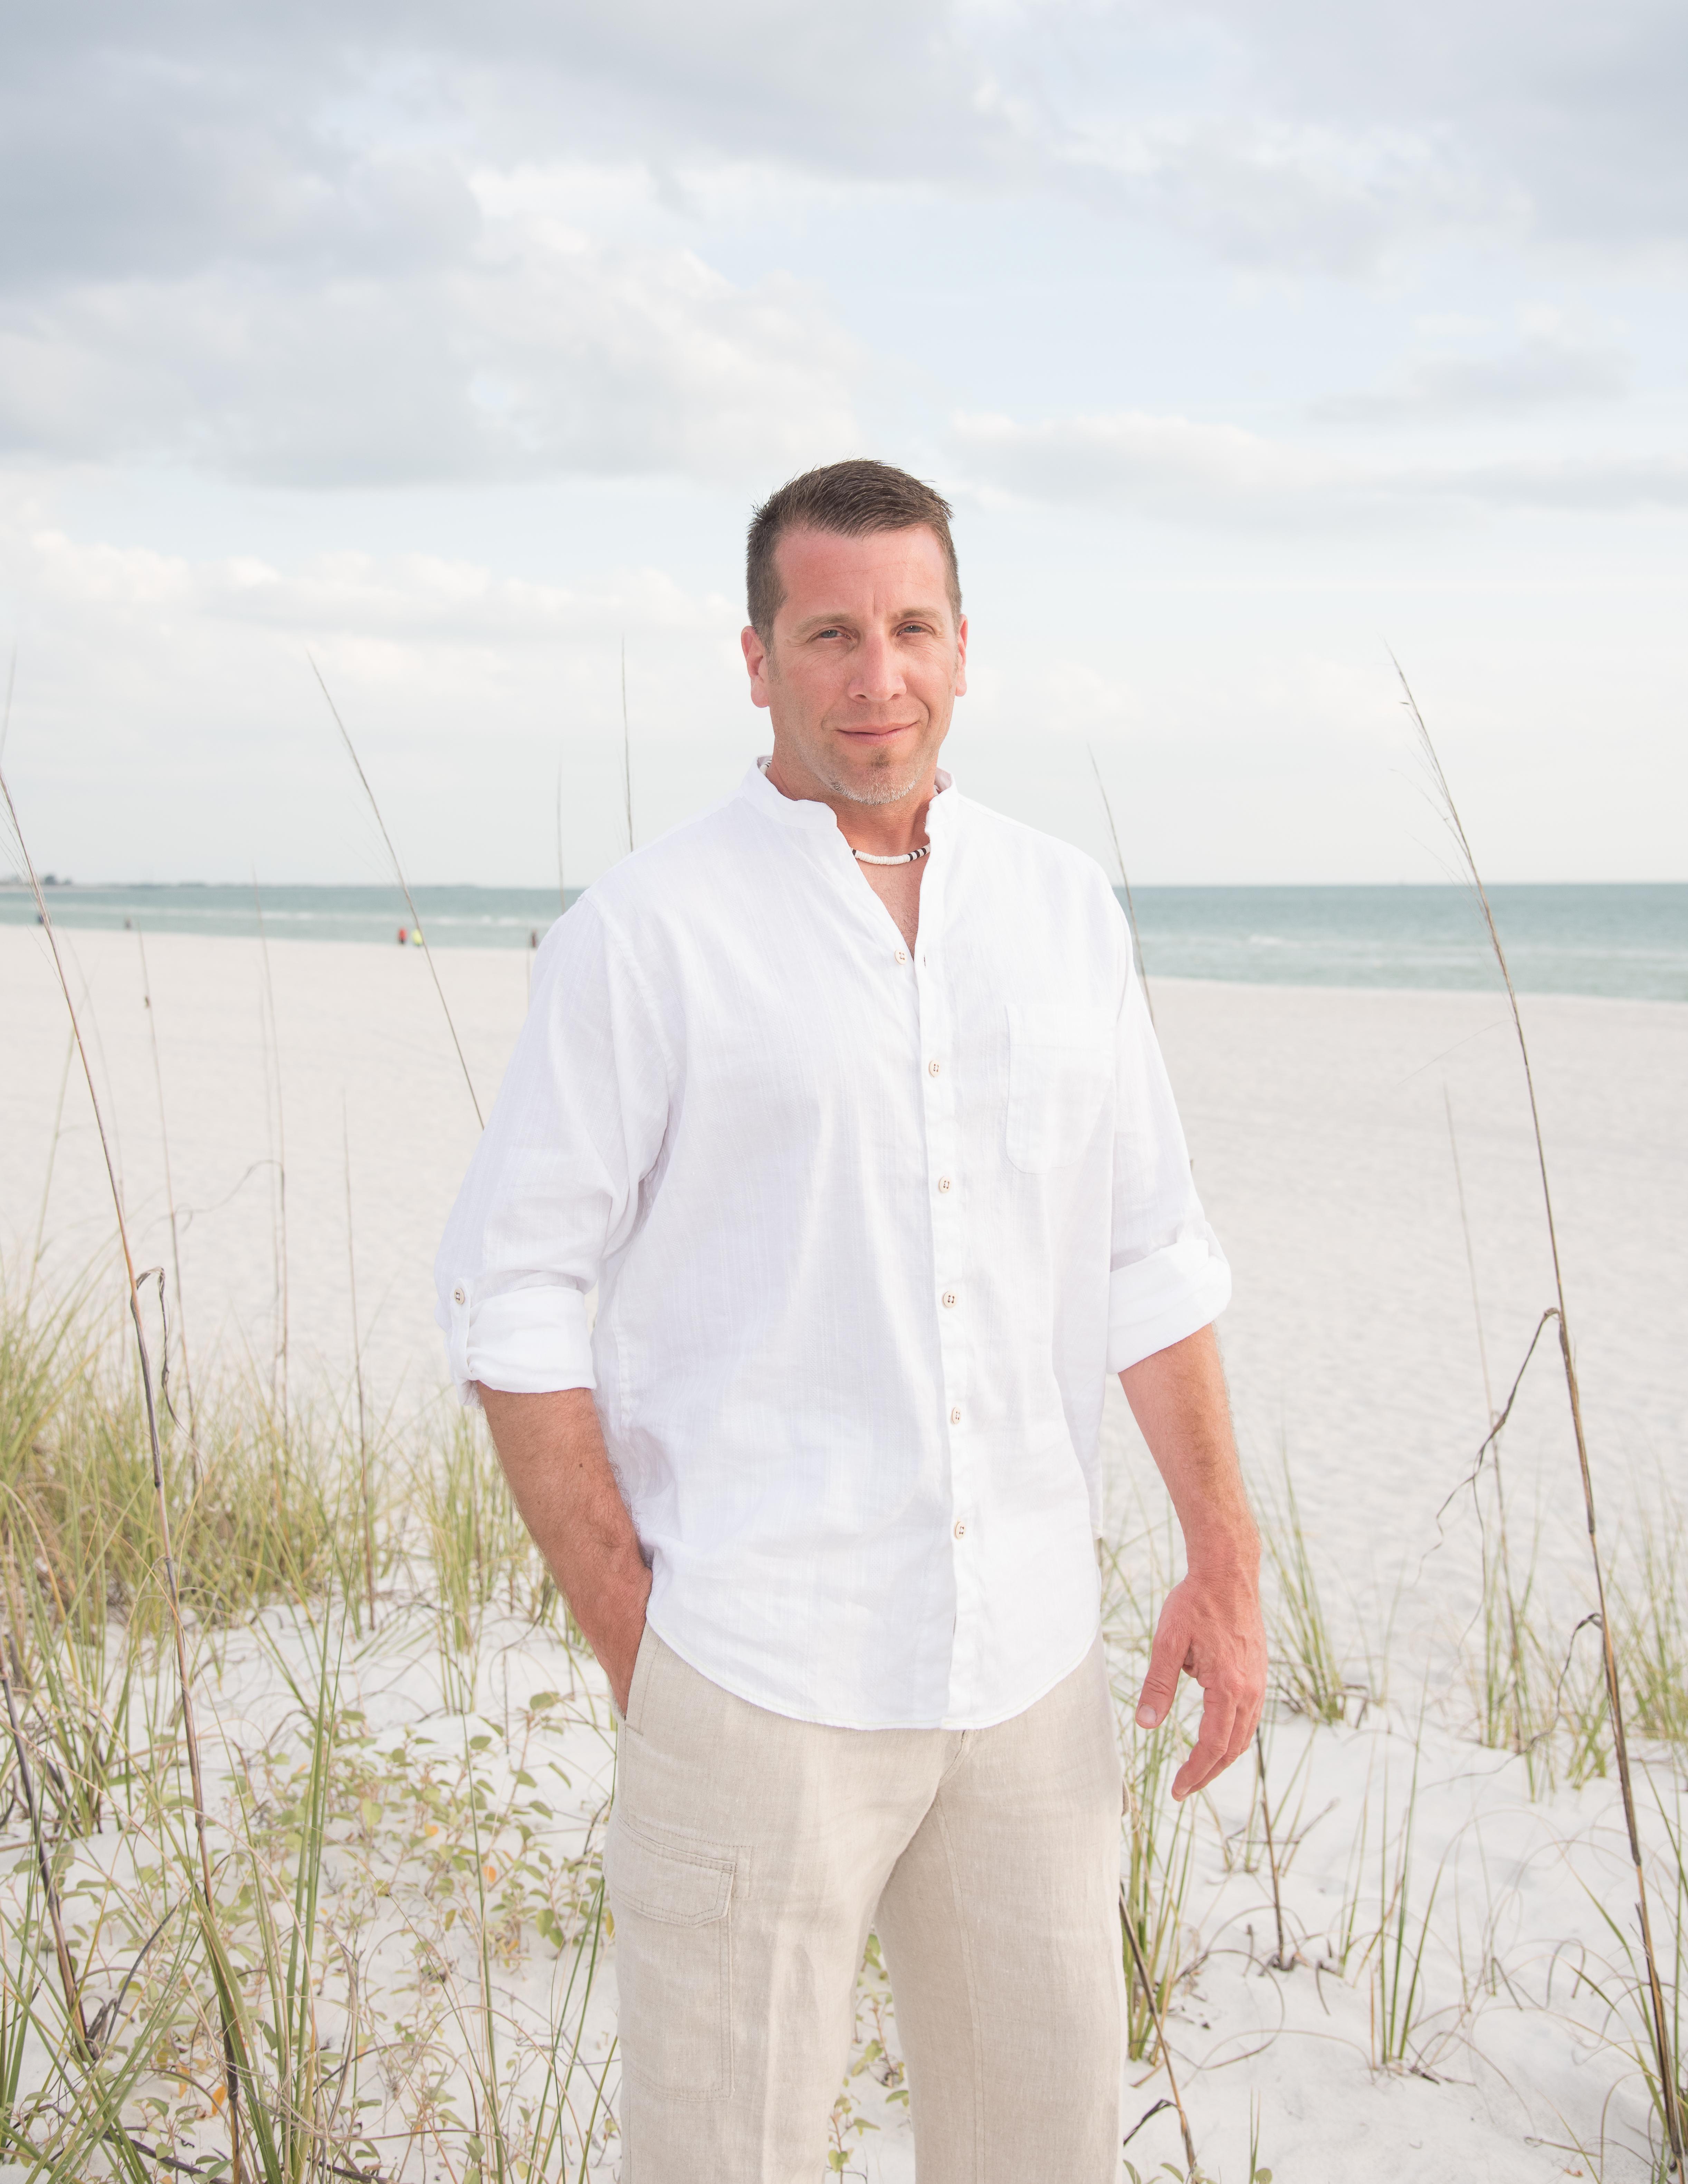 Groom on St. Pete Beach, FL.